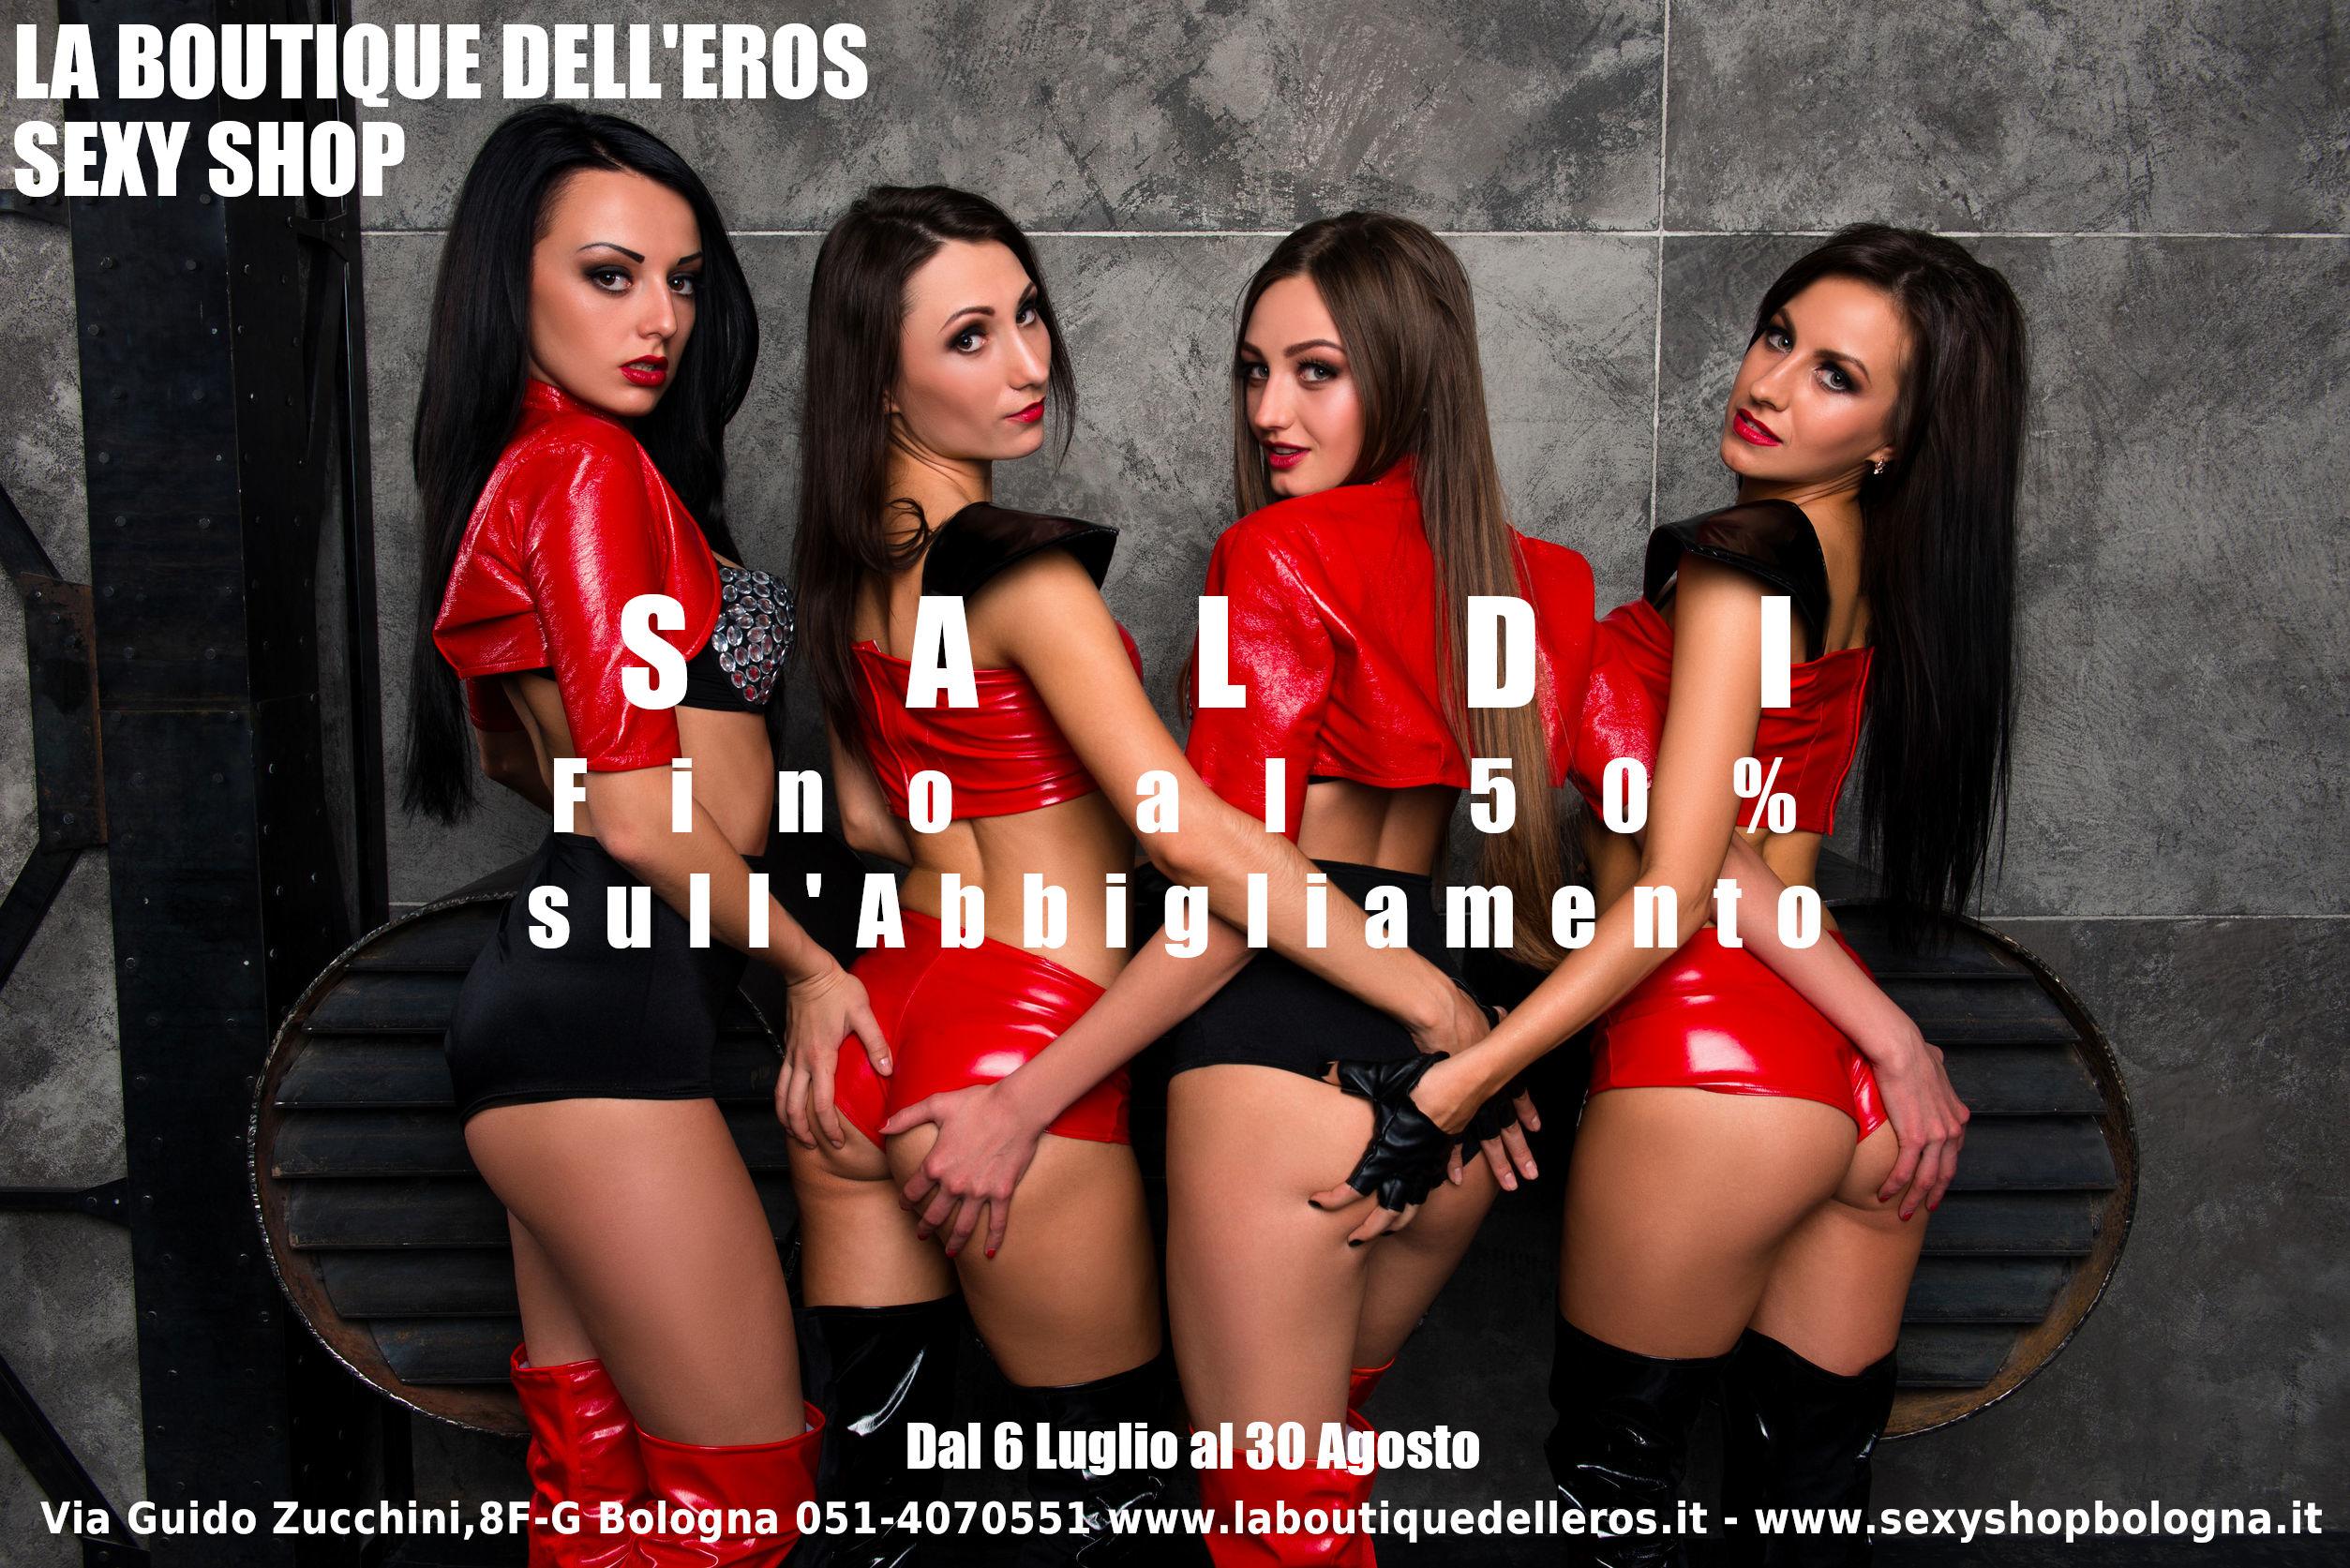 Saldi Estivi 2019 alla Boutique dell'Eros Sexy Shop Bologna